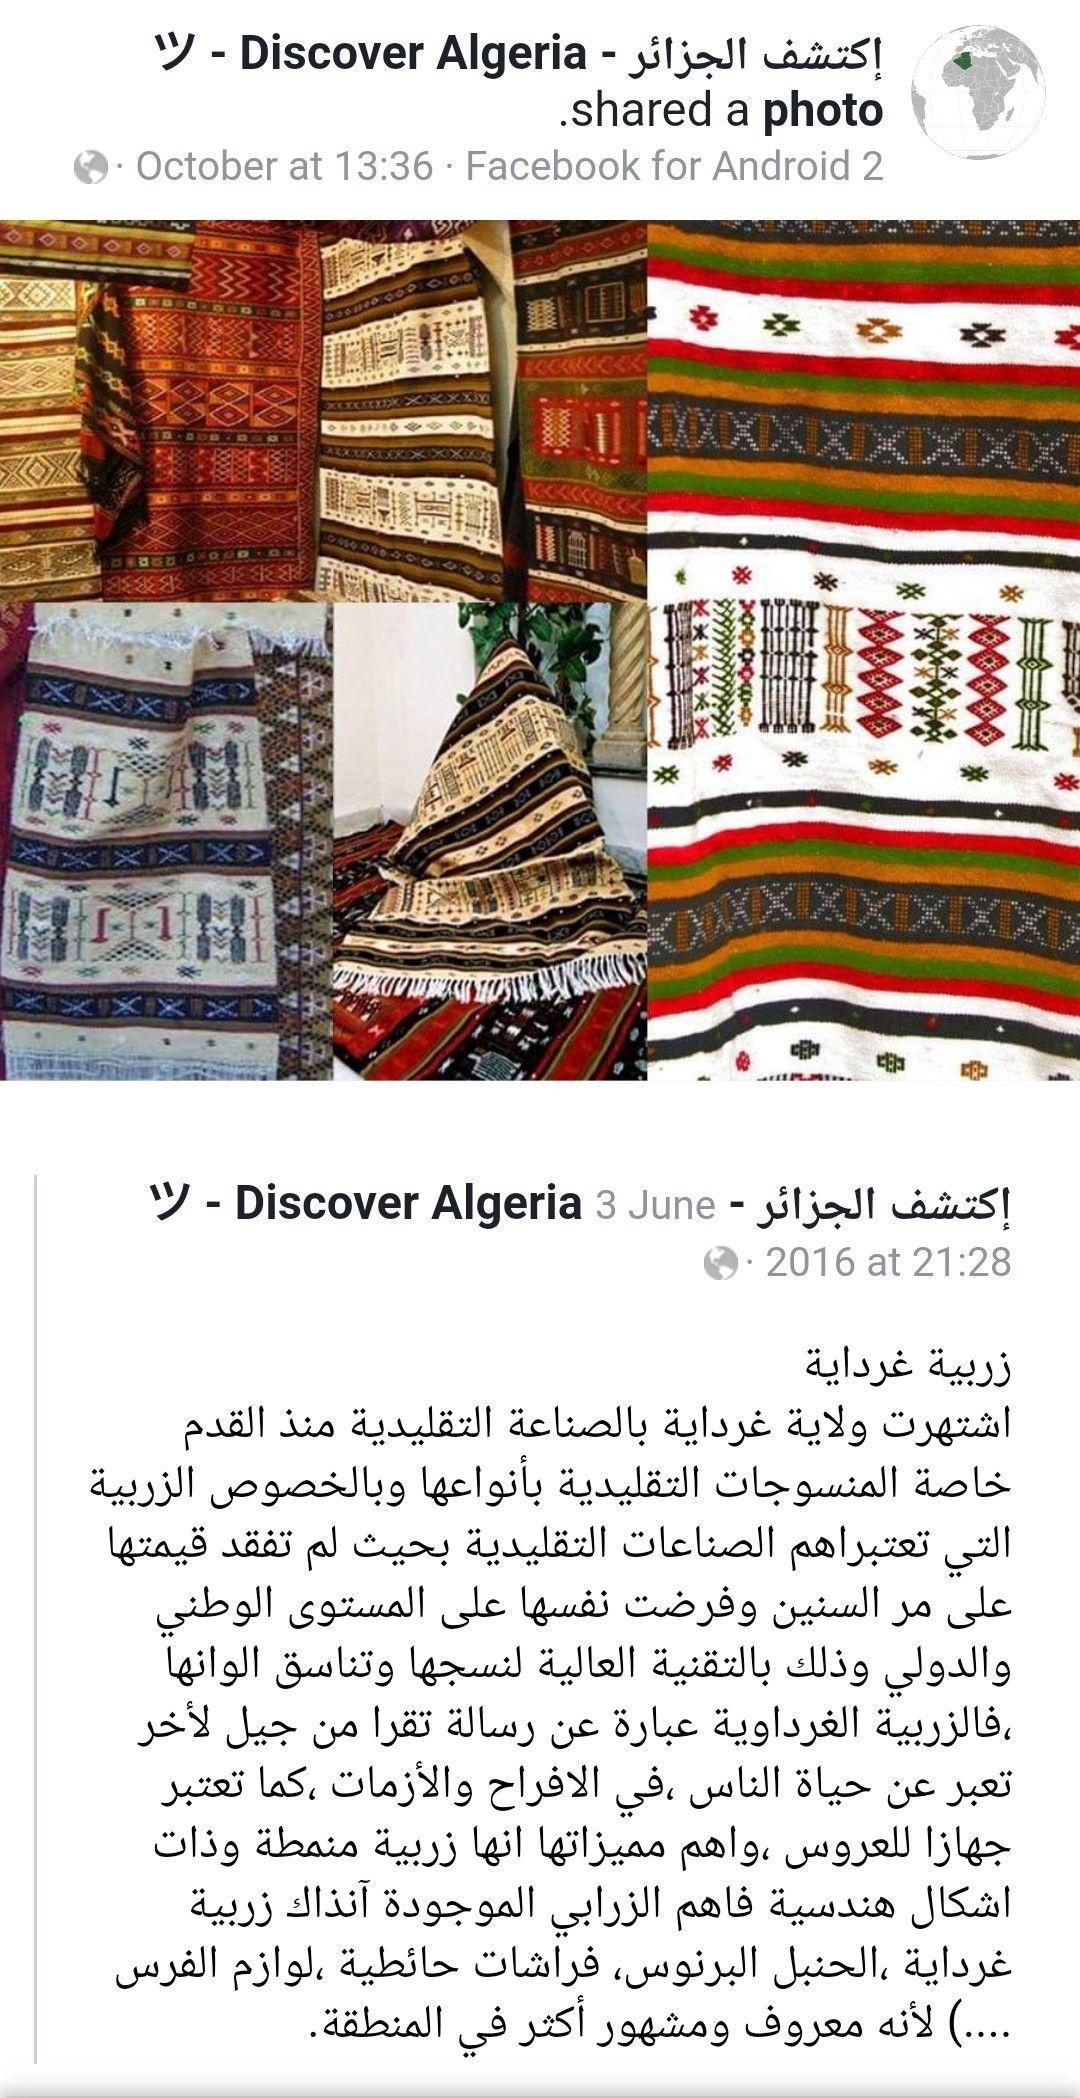 زربية غرداية اشتهرت ولاية غرداية بالصناعة التقليدية منذ القدم خاصة المنسوجات التقليدية بأنواعها وبالخصوص الزربية التي ت Algerian Italian Charm Bracelet Algeria